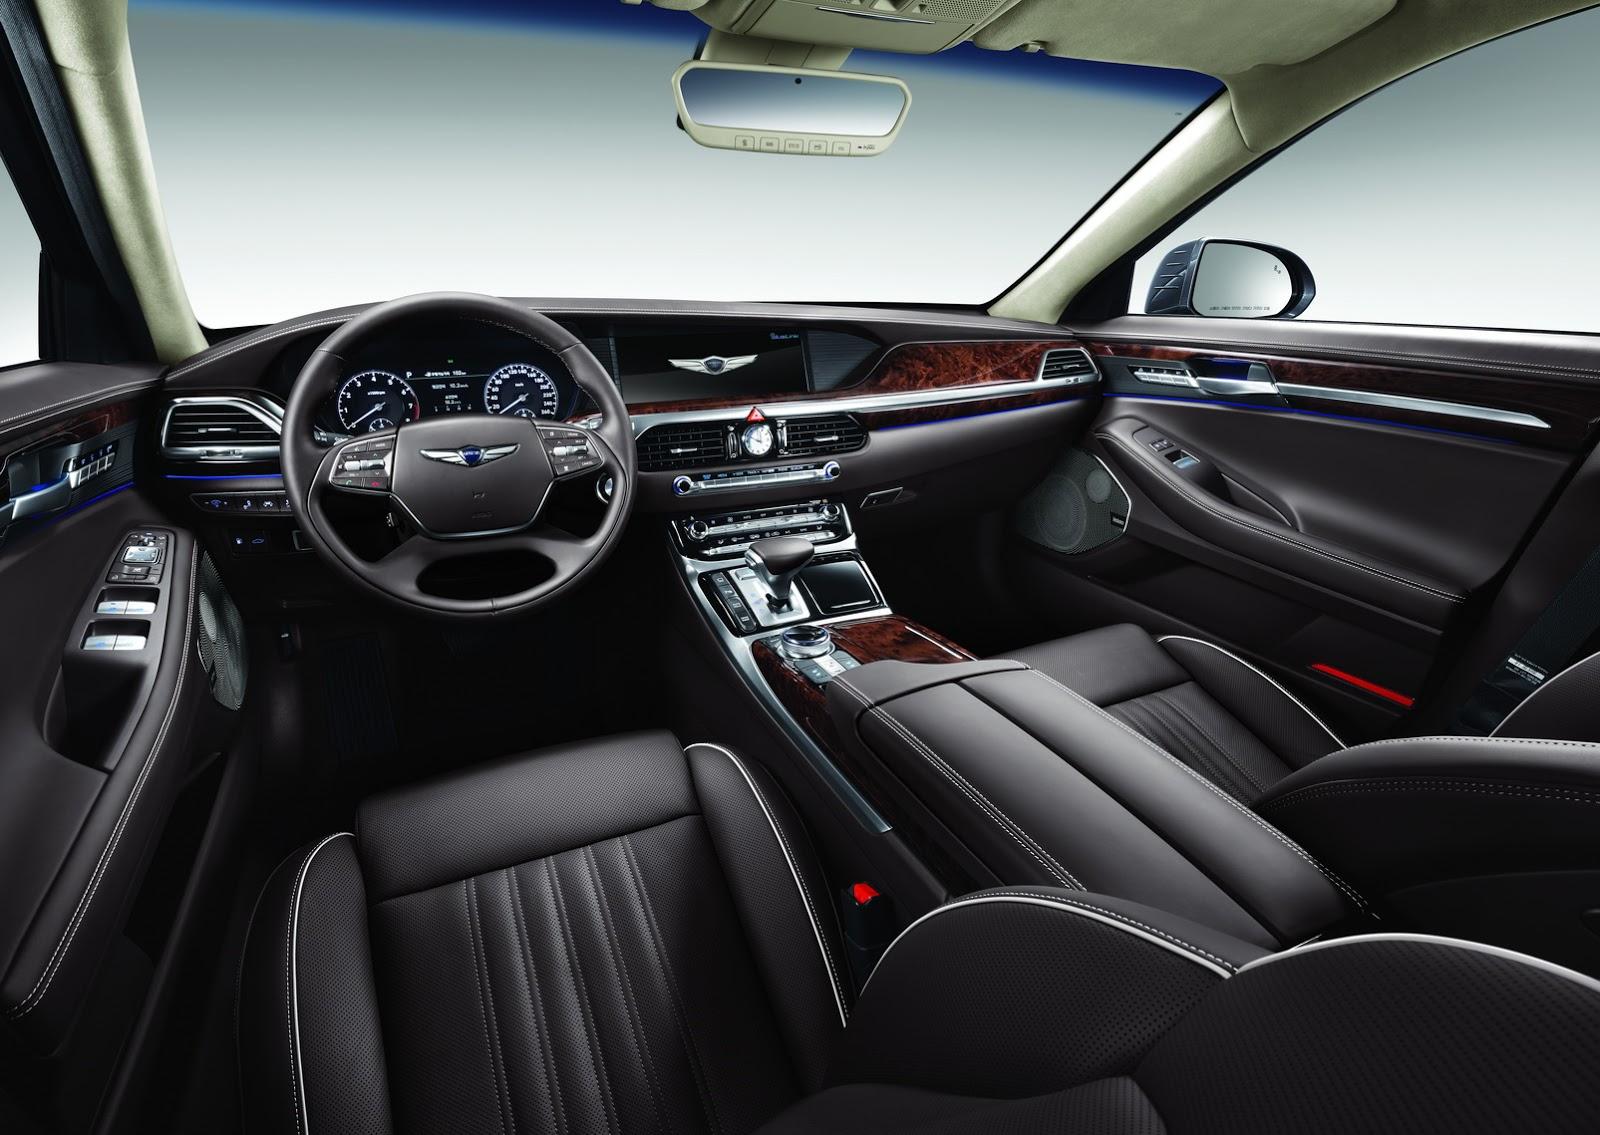 Nội thất của Genesis G90 2017 được làm tinh tế và rất thể thao